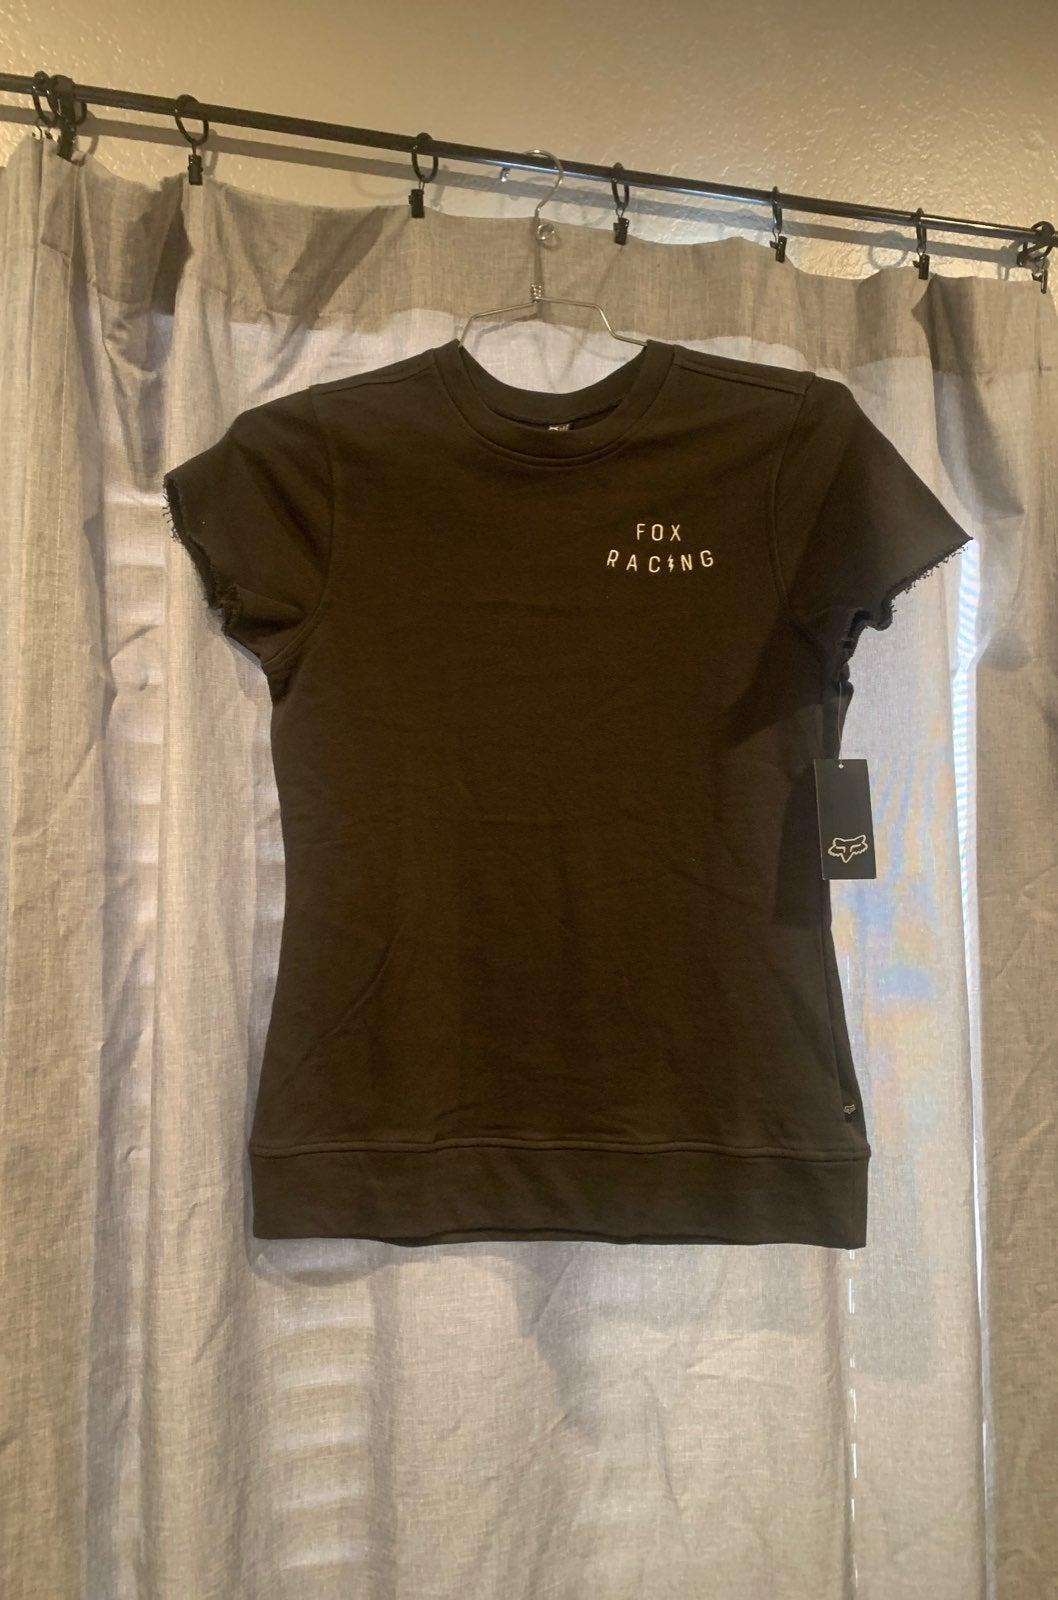 Fox racing womens T shirt